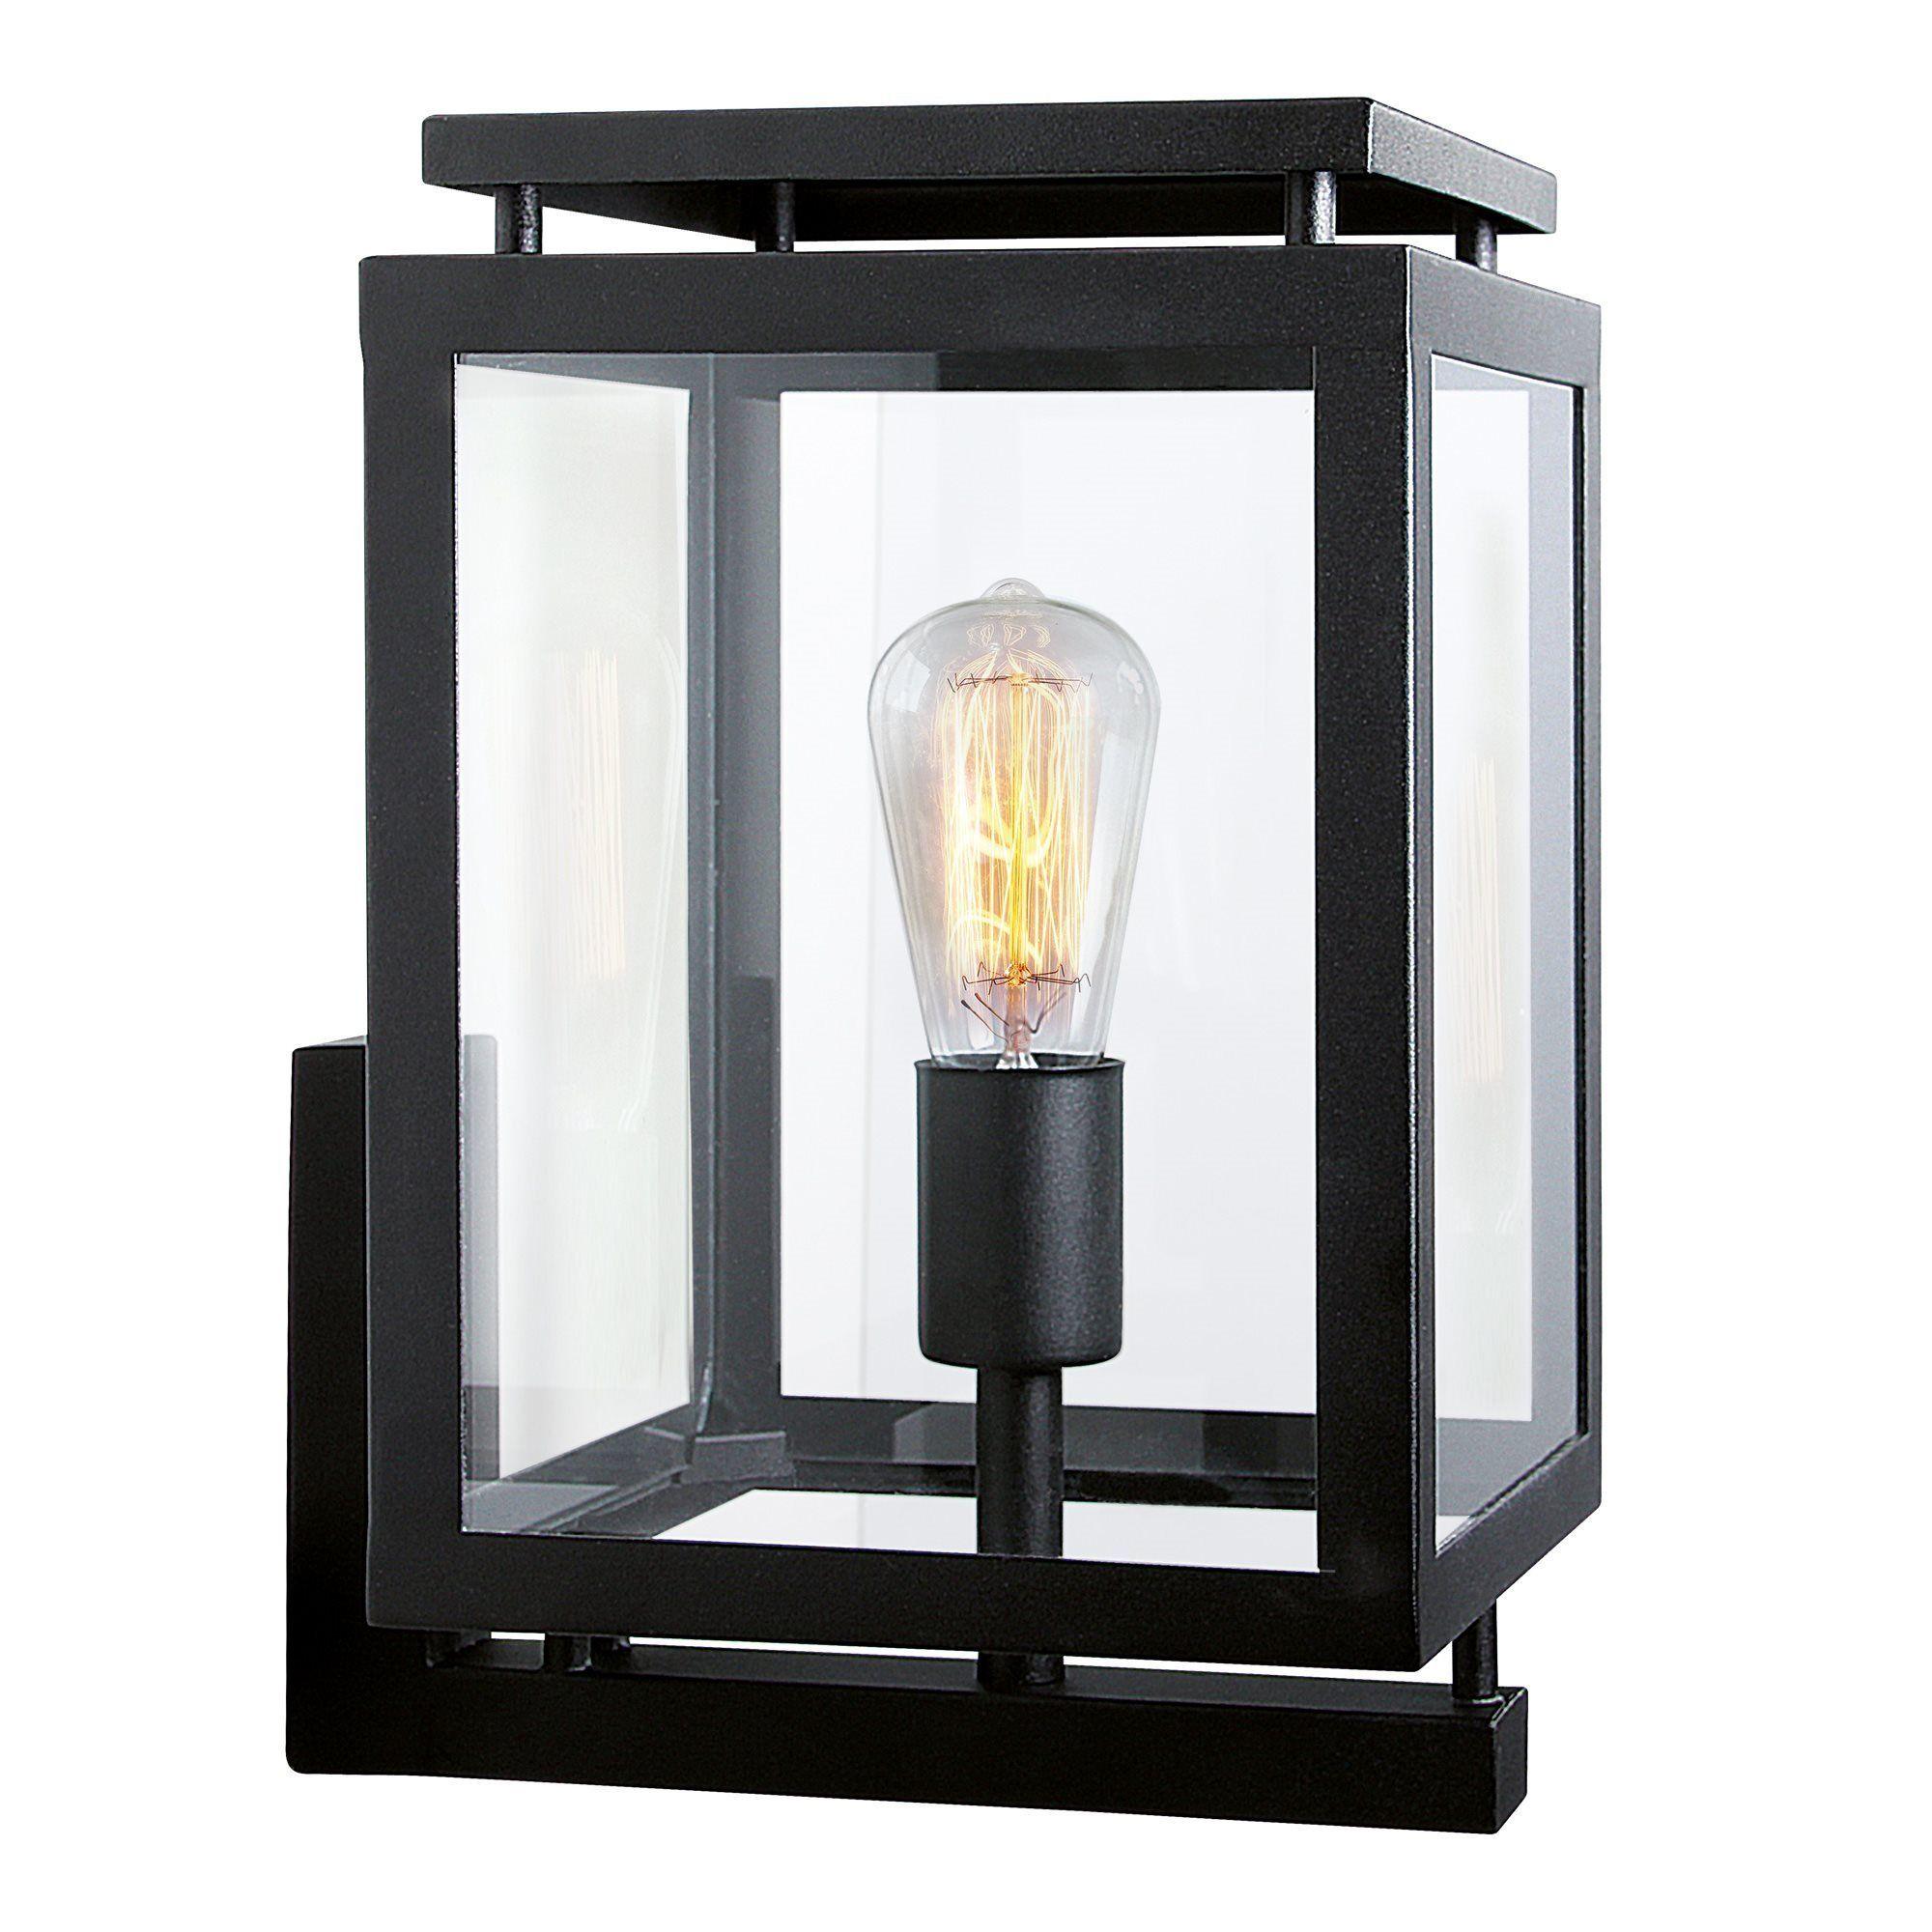 KS Verlichting buiten wandlamp De Vecht - zwart